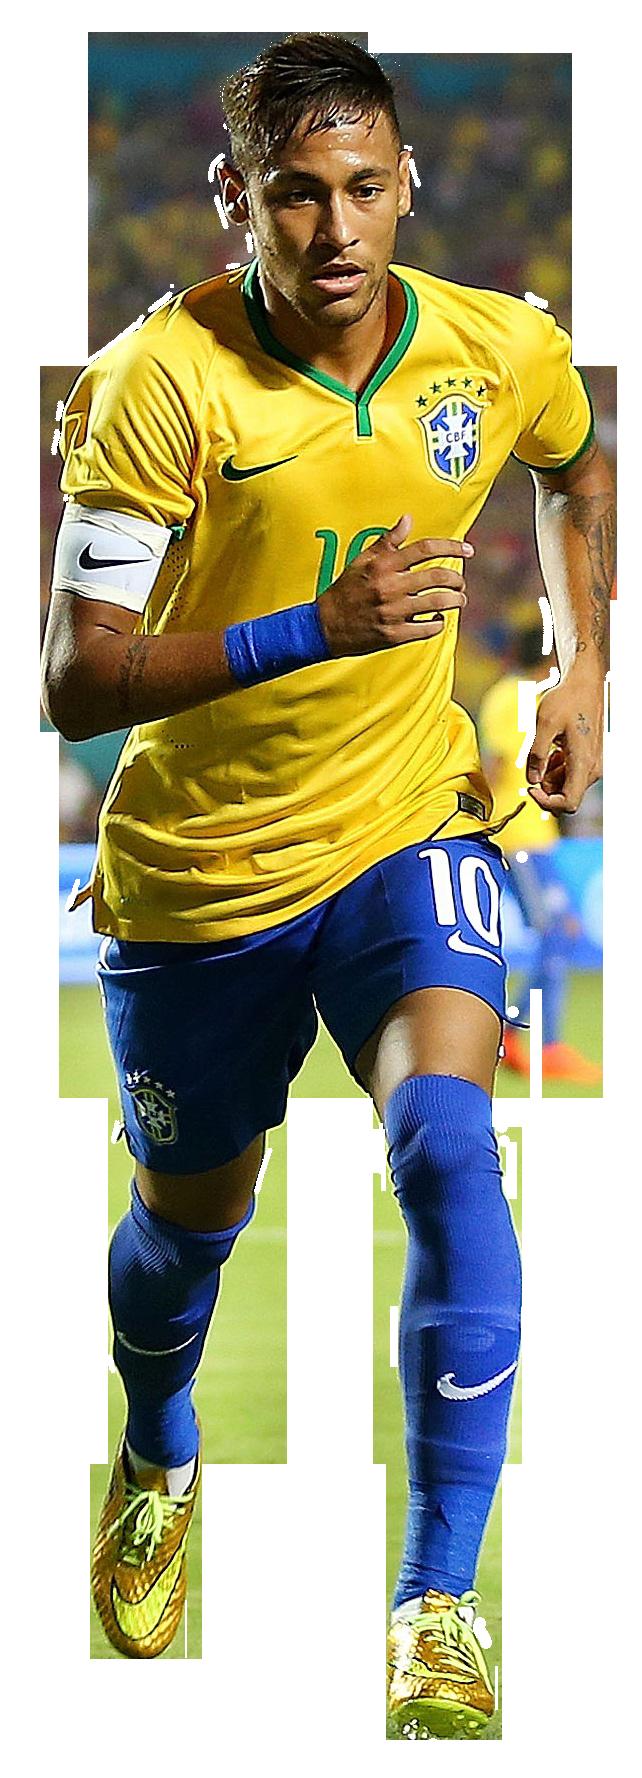 Neymar football render - 9922 - FootyRenders